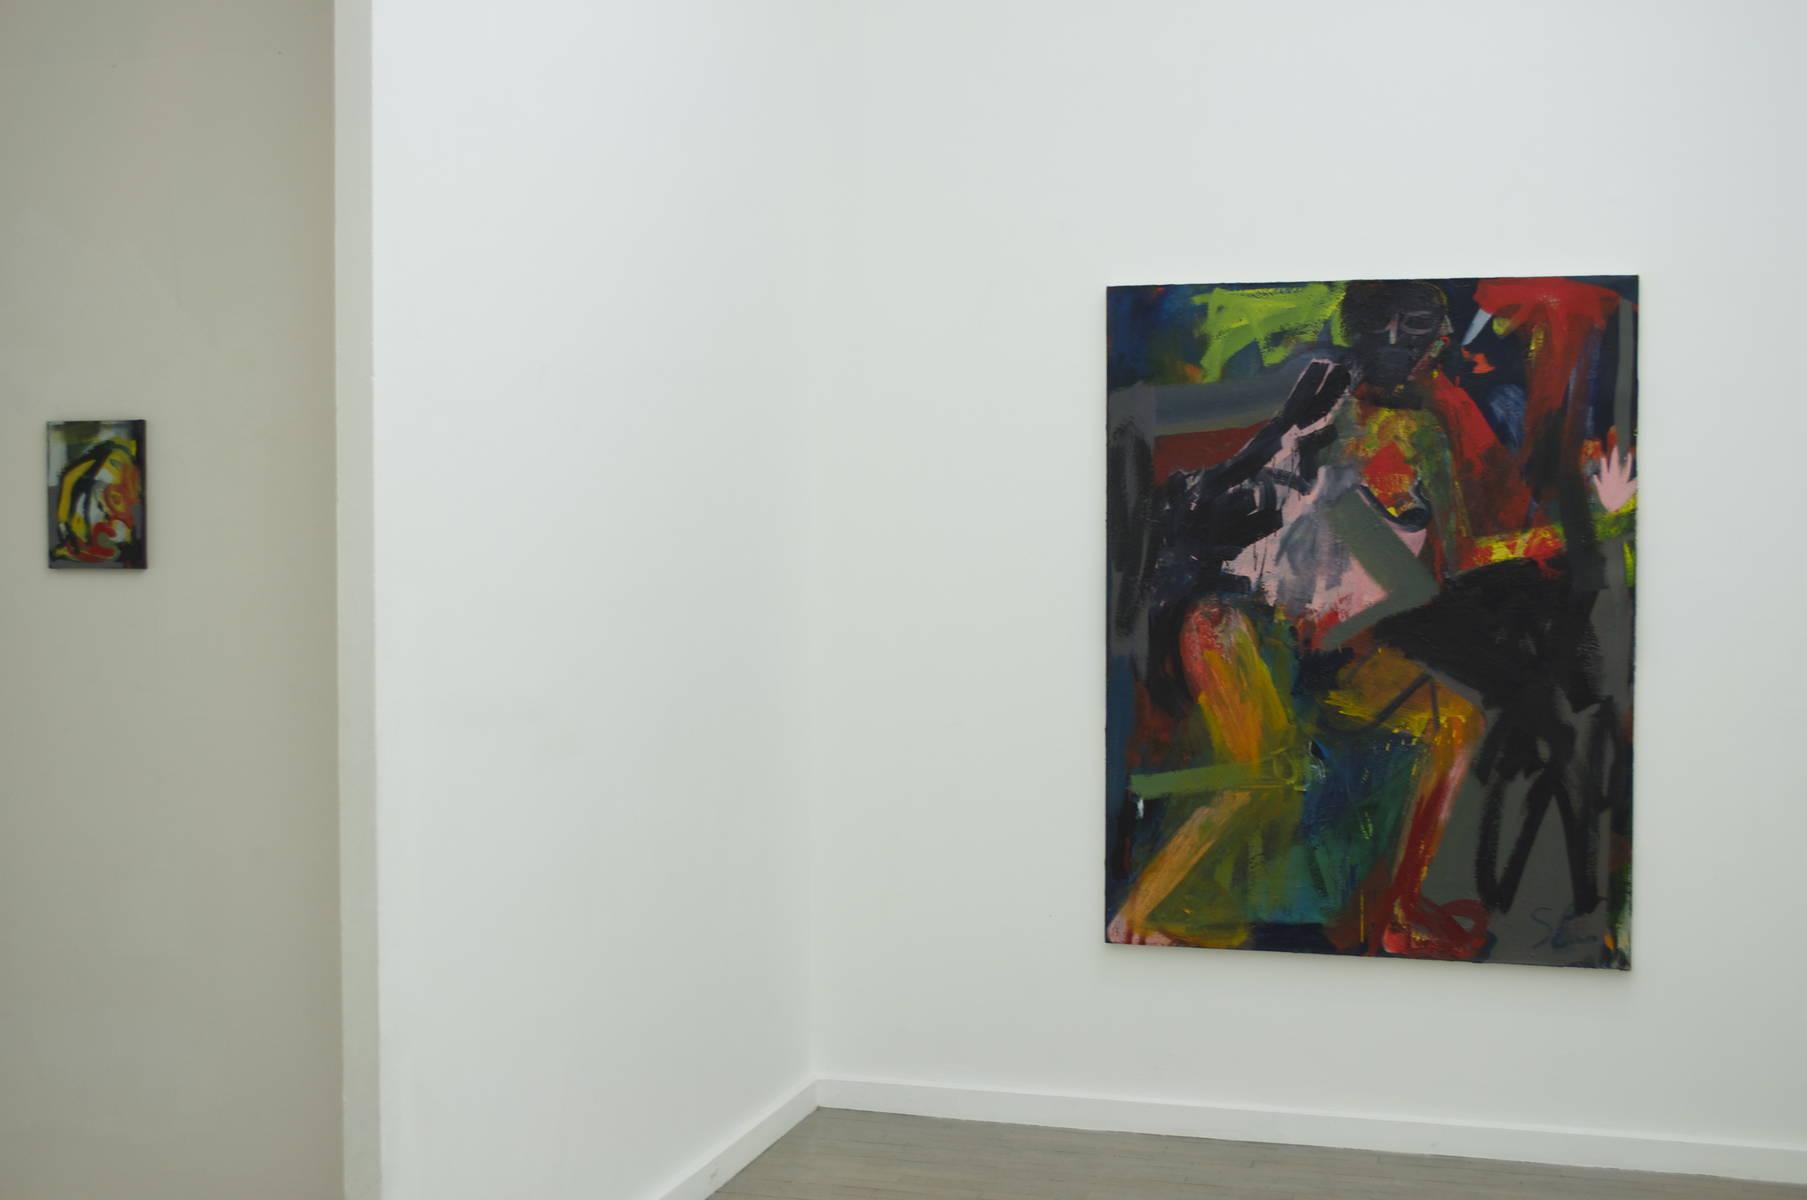 5_Sadie Laska Left Han 2012 paris 128